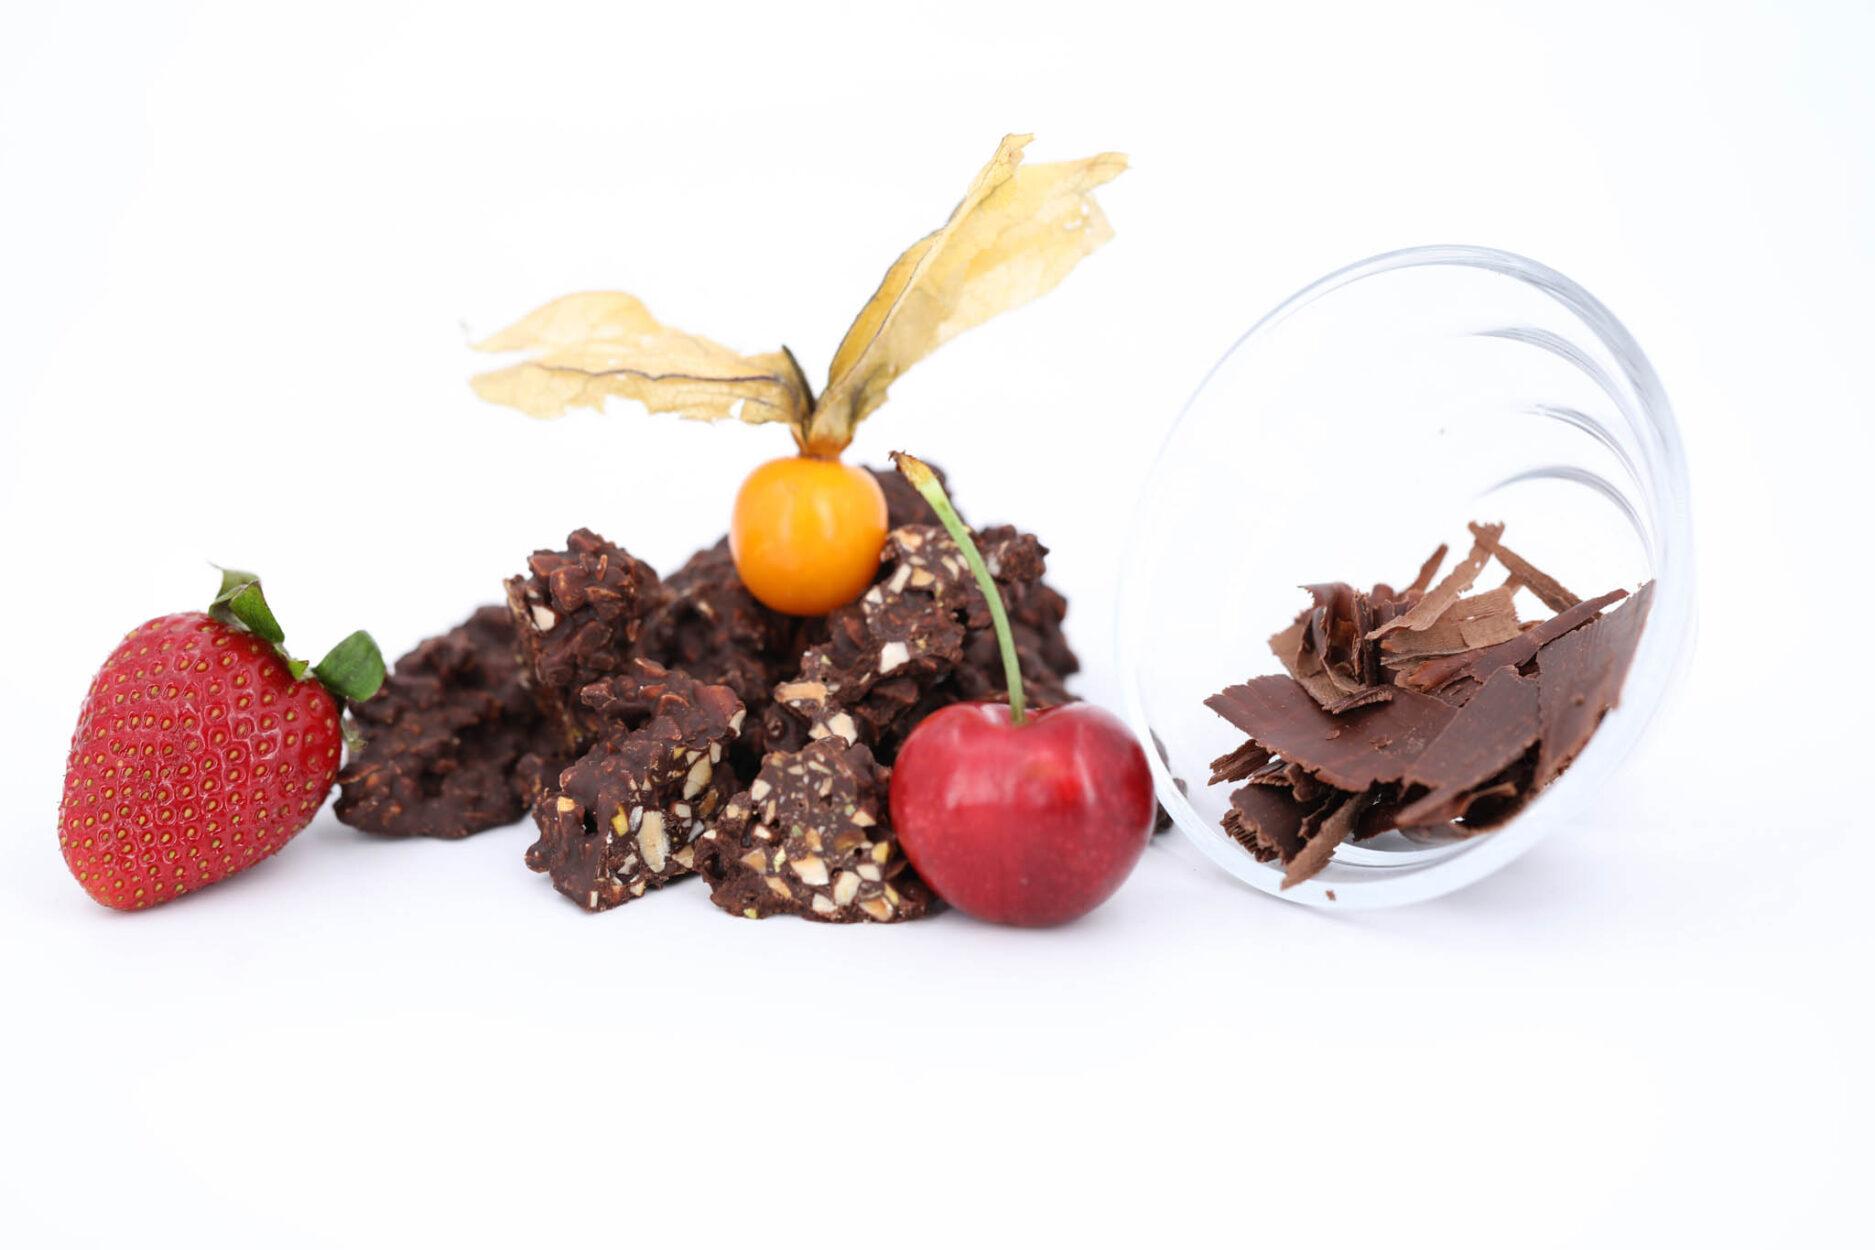 gastronomica-alimentos-nicoletalupuagency (10 of 84)